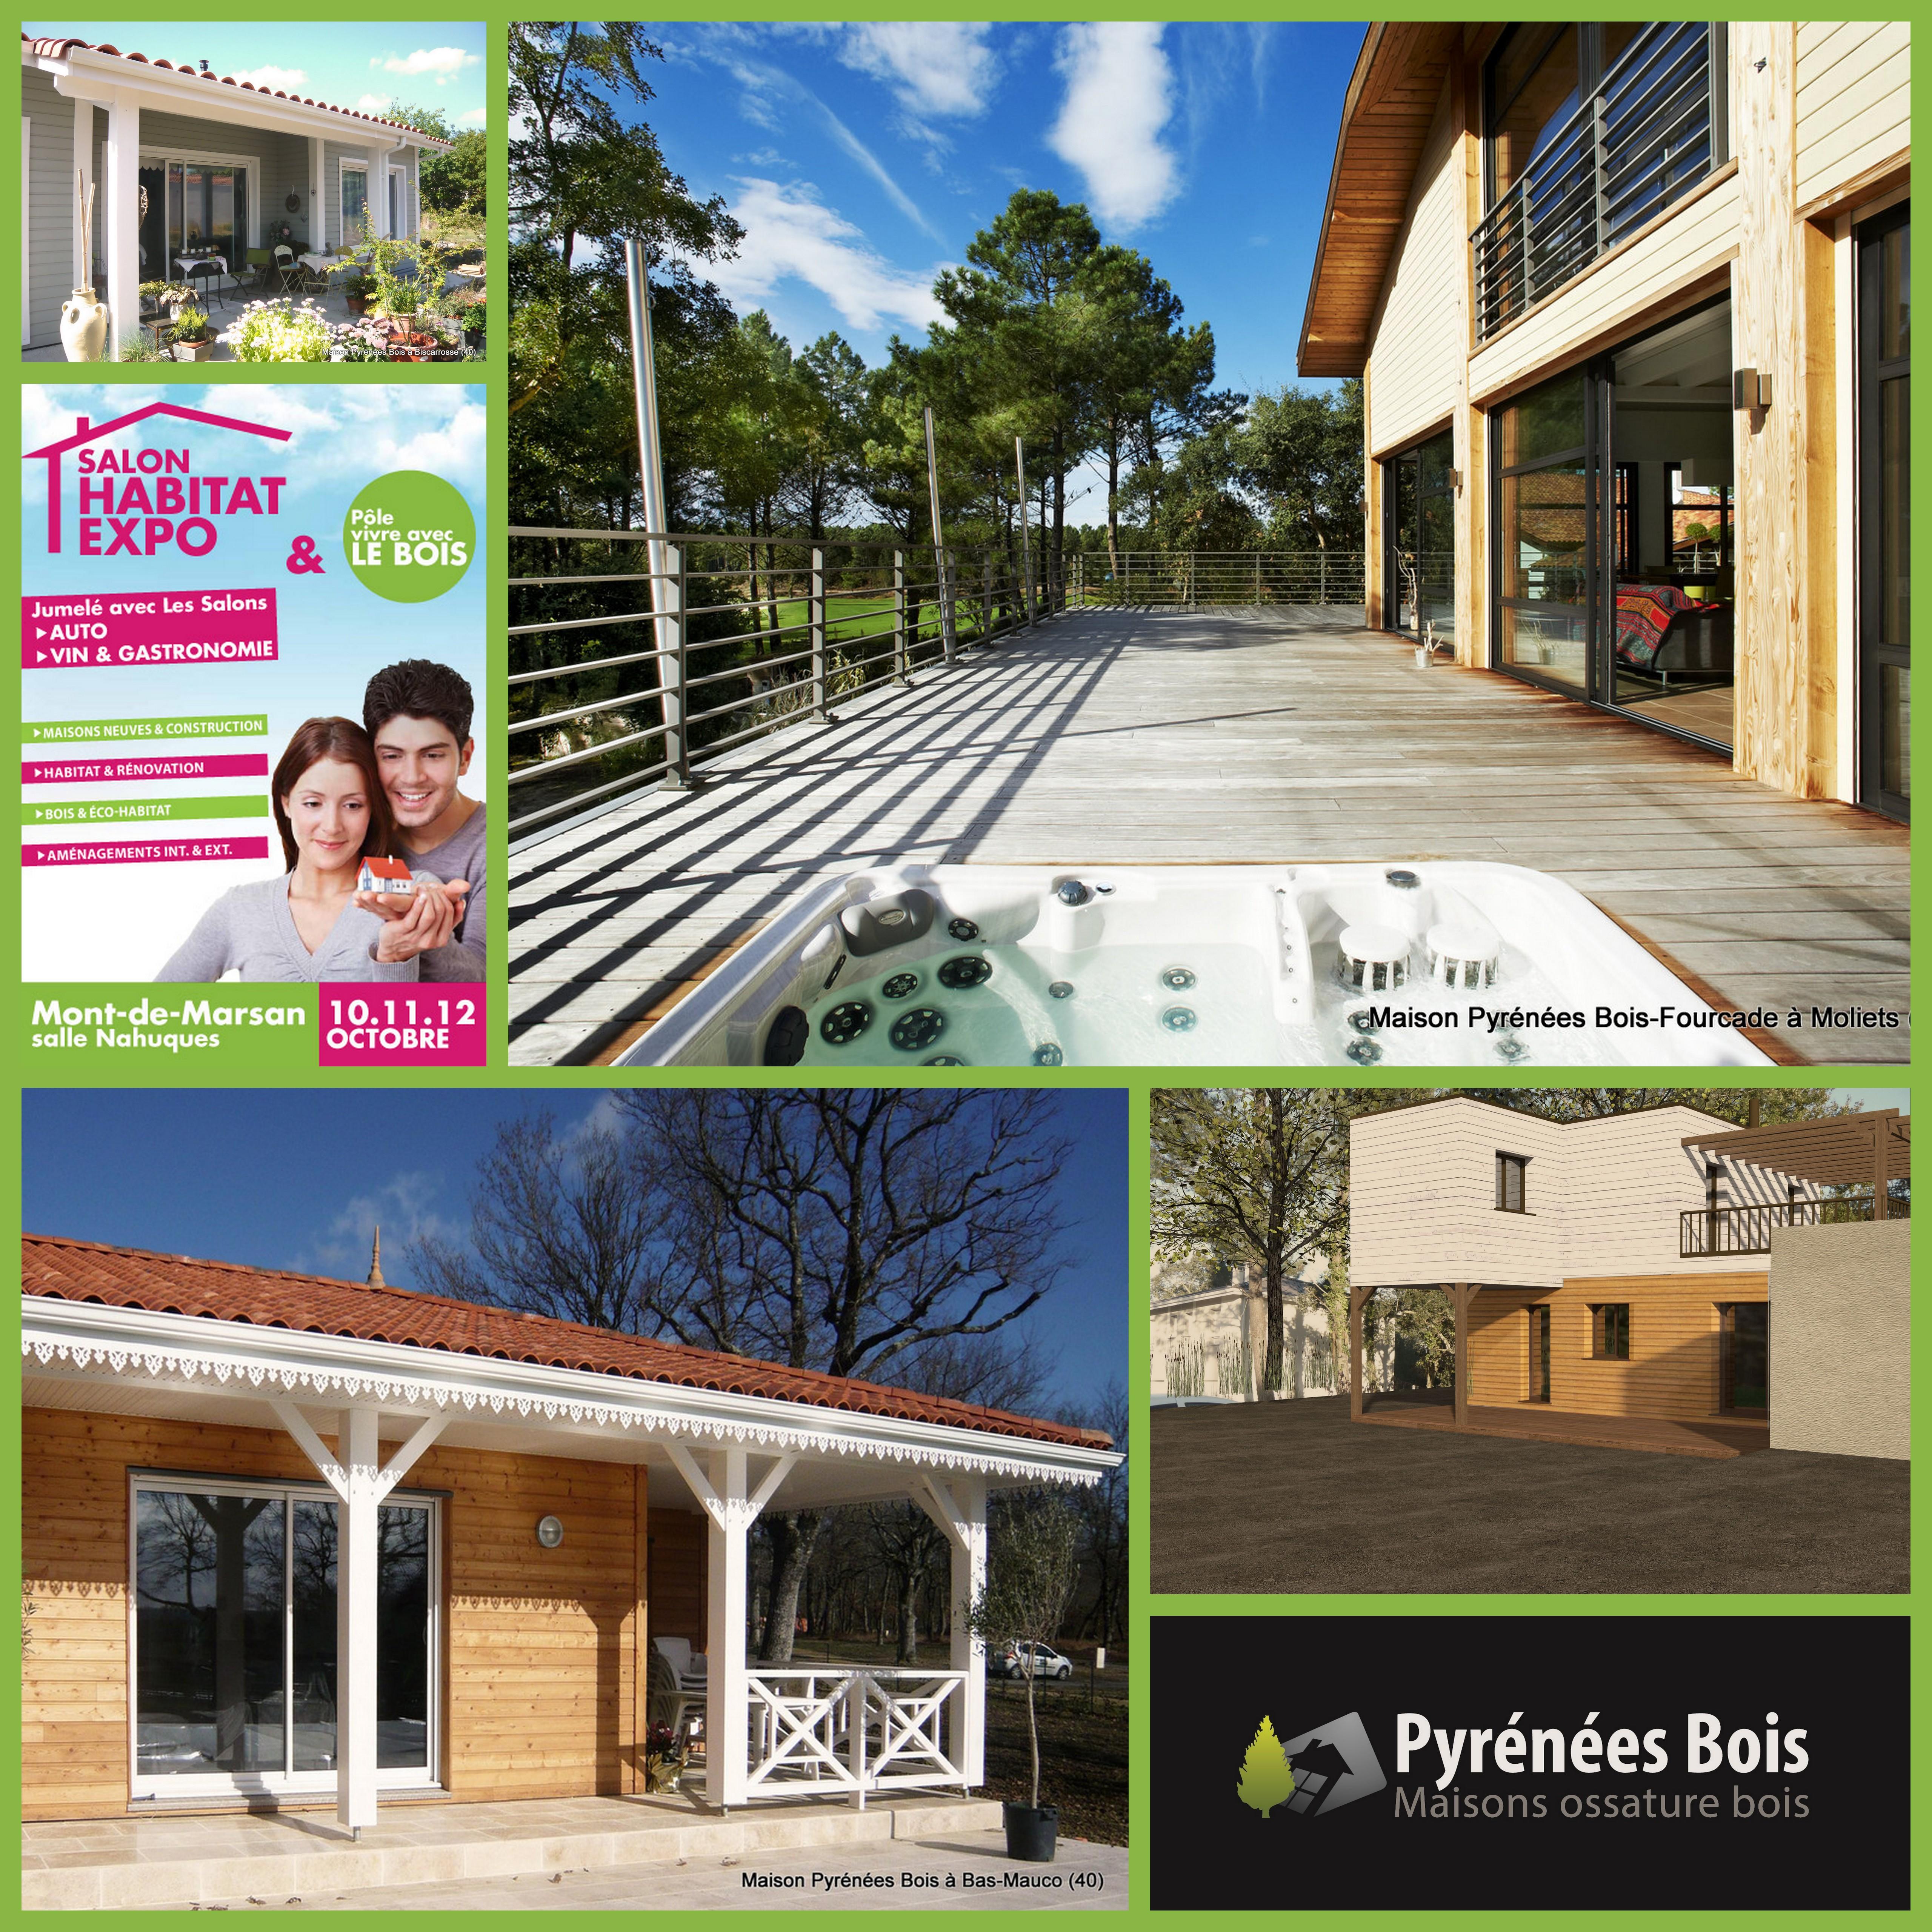 Pyrénées Bois au salon Vivre avec le Bois, Habita Expo, Mont de Marsan